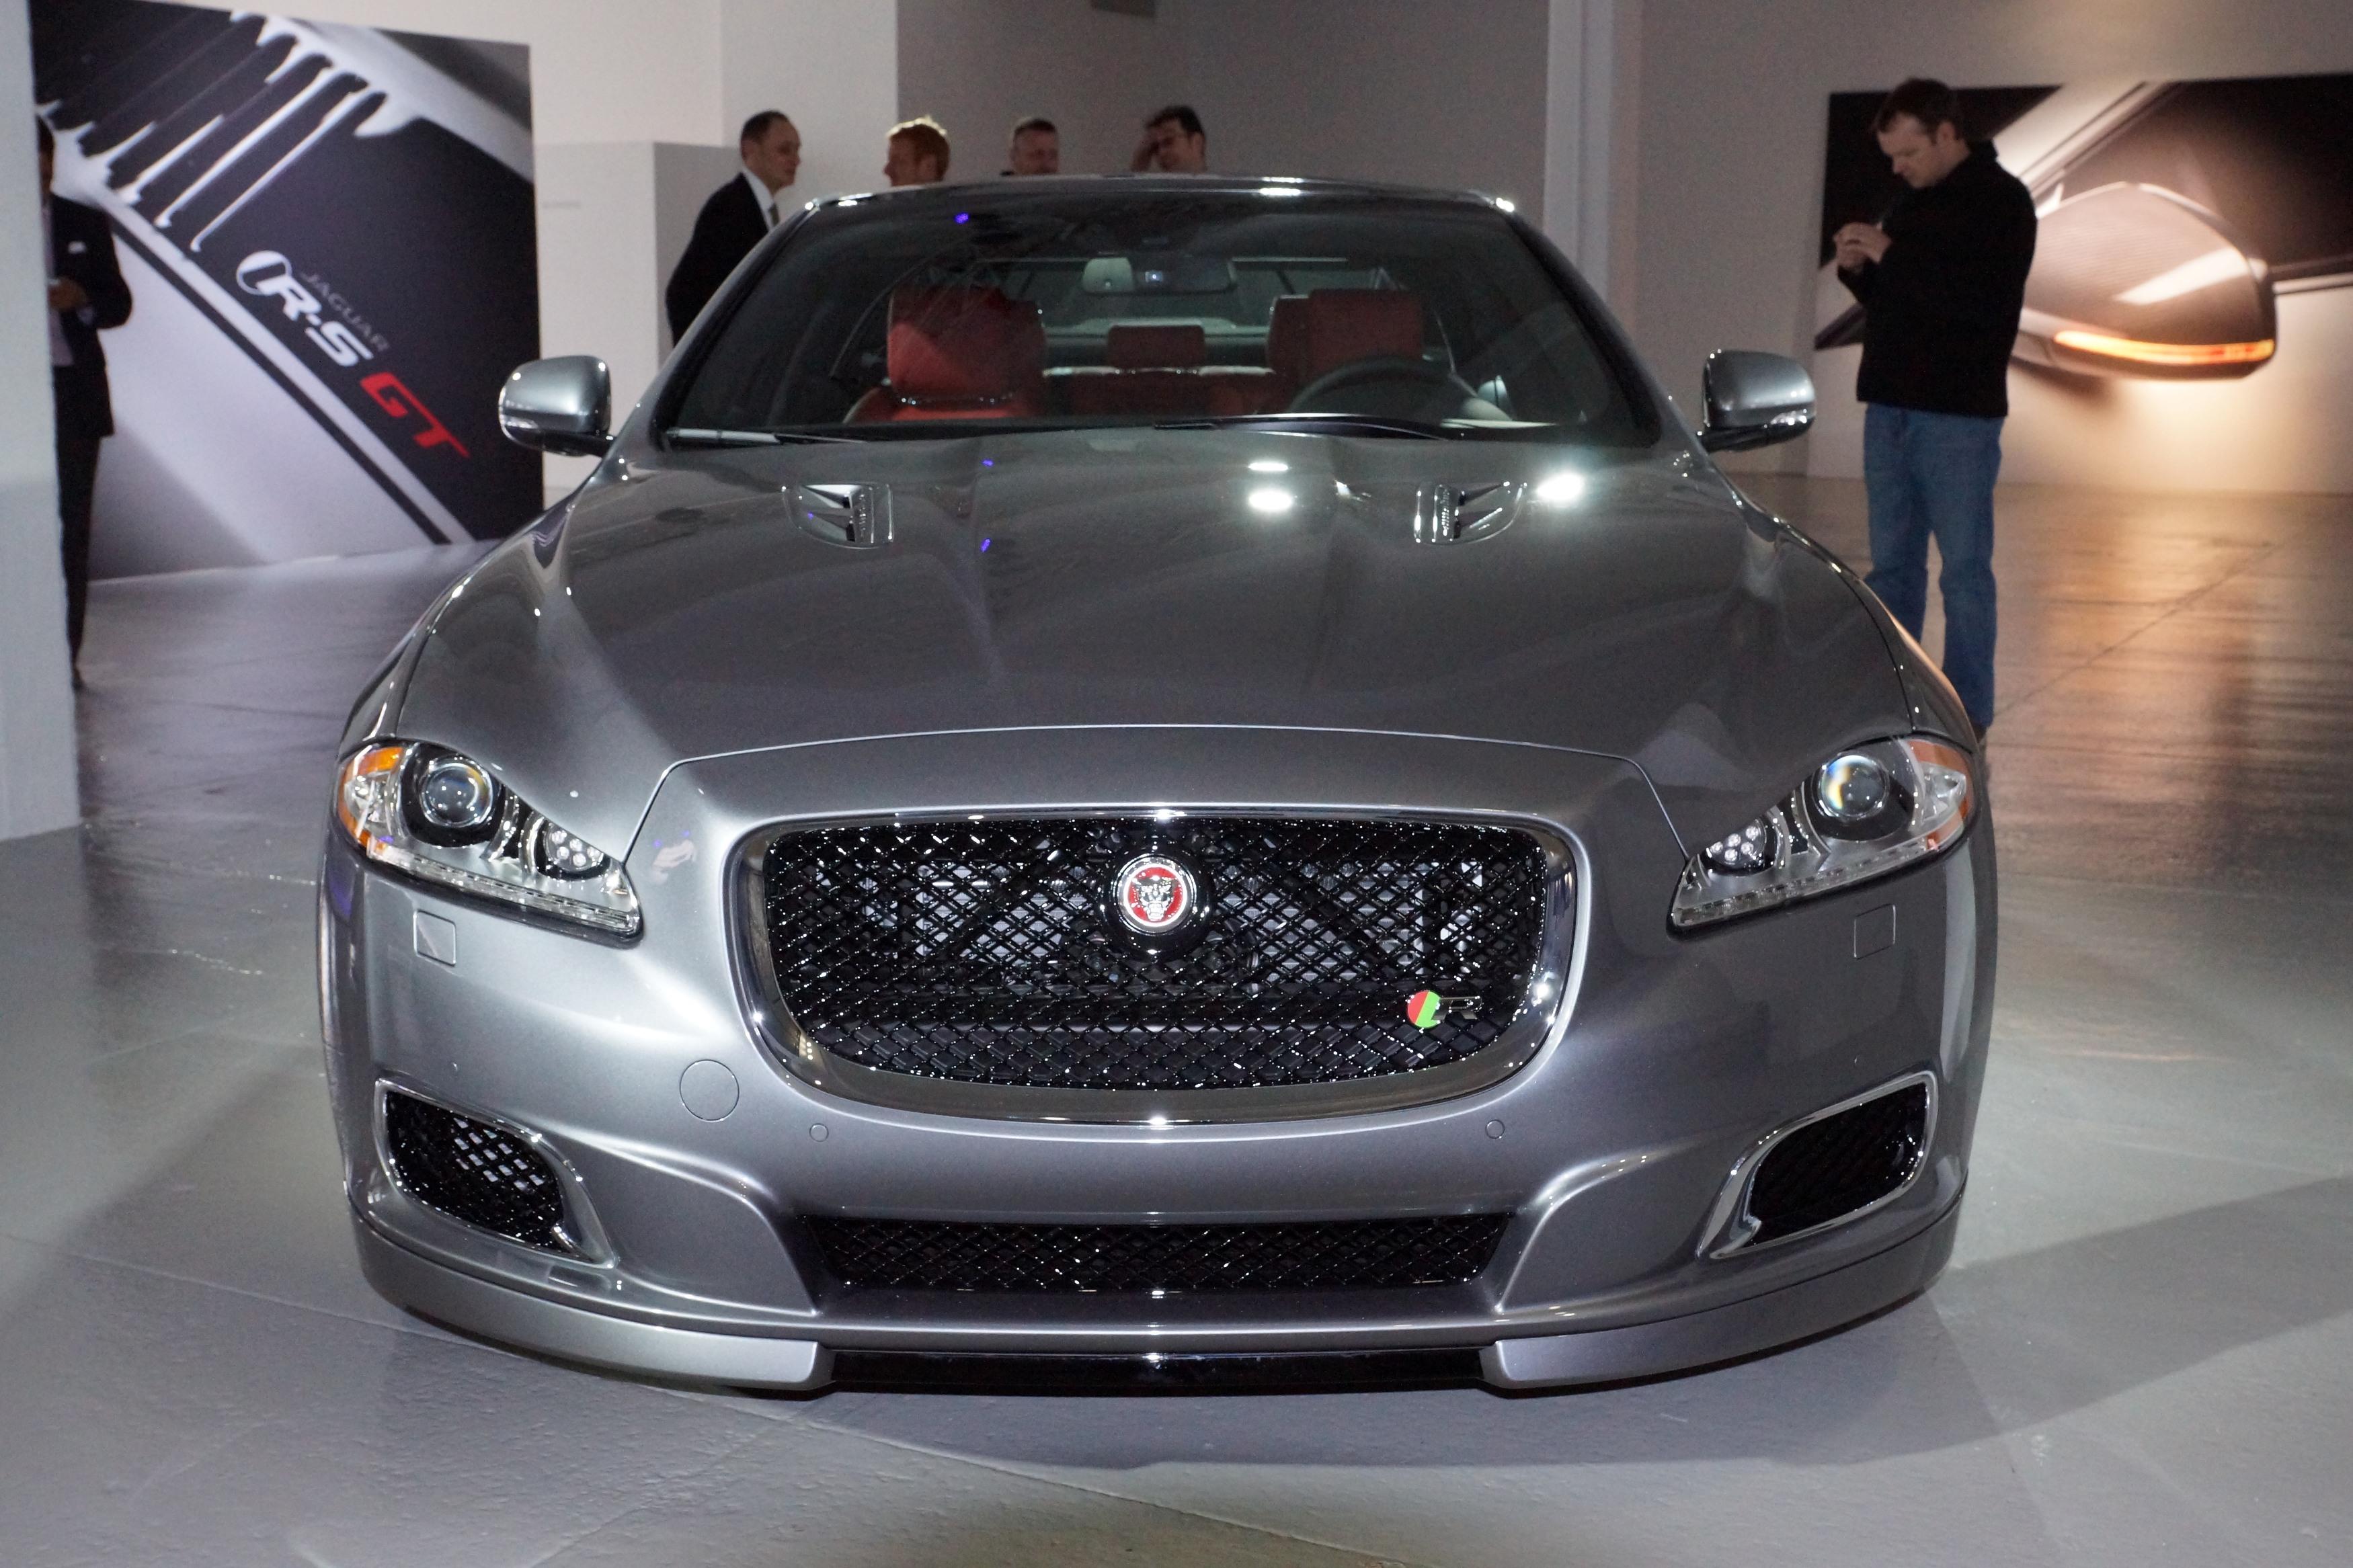 xkr gt s jaguar